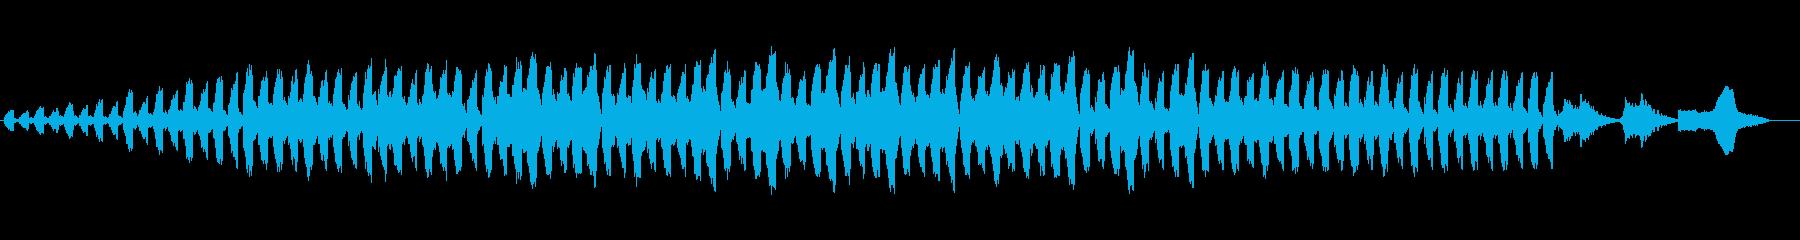 神秘的でマイナーなシンセサウンドの再生済みの波形